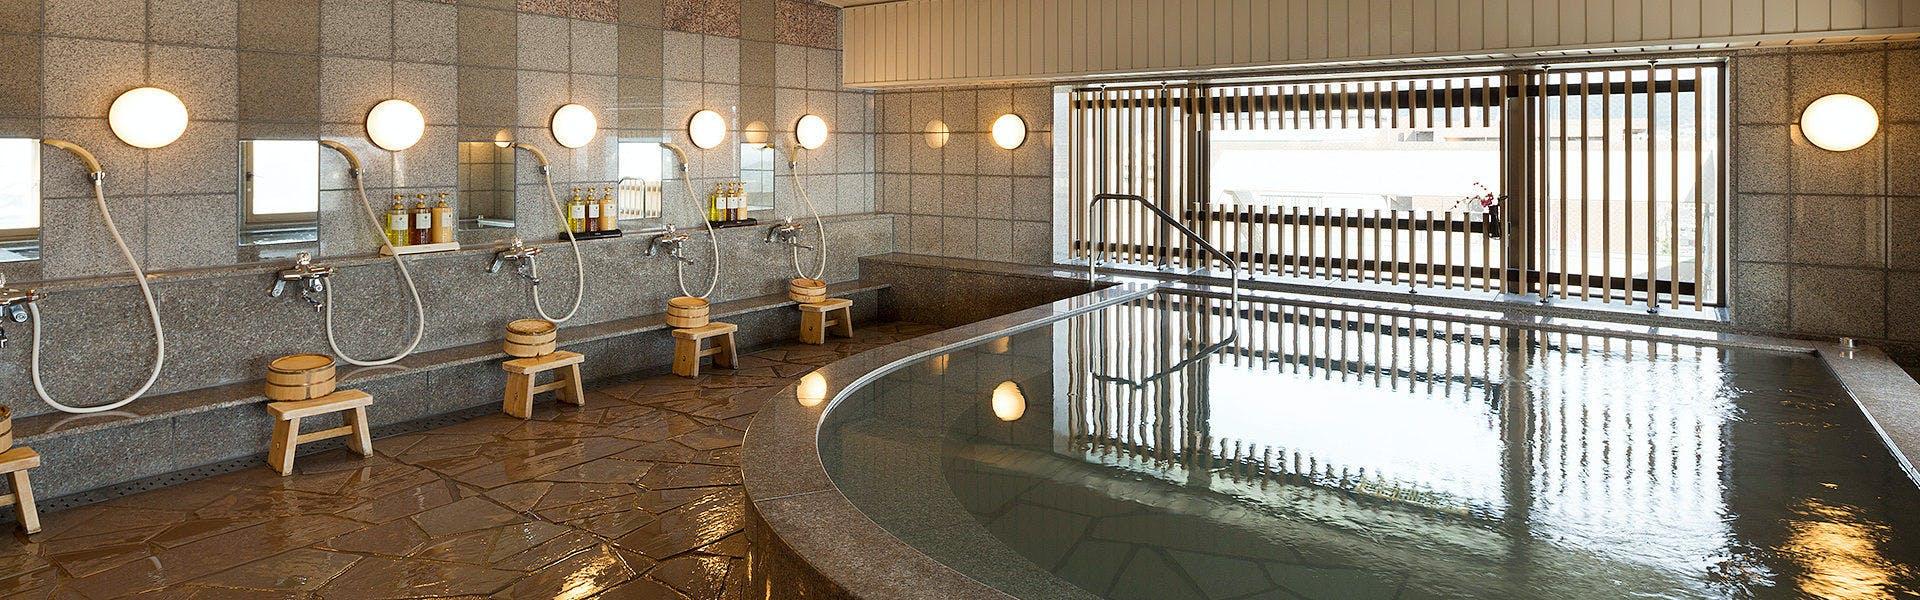 アランヴェールホテル京都 - 宿泊予約は[一休.com]